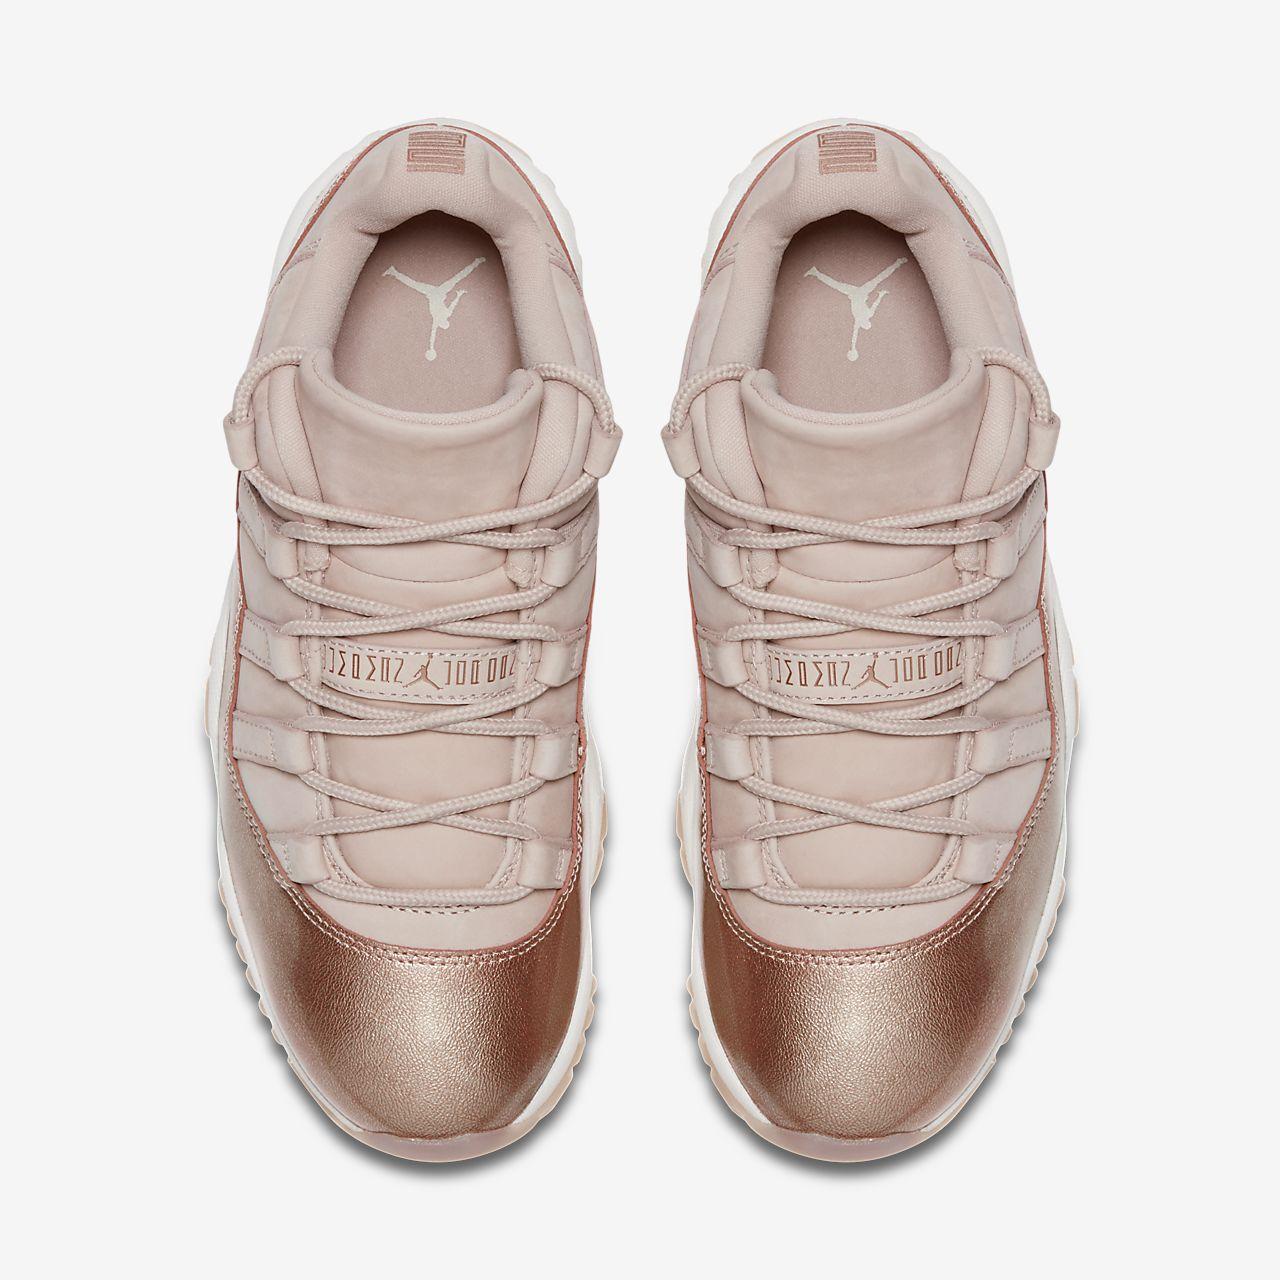 ... Air Jordan 11 Retro Low Women's Shoe